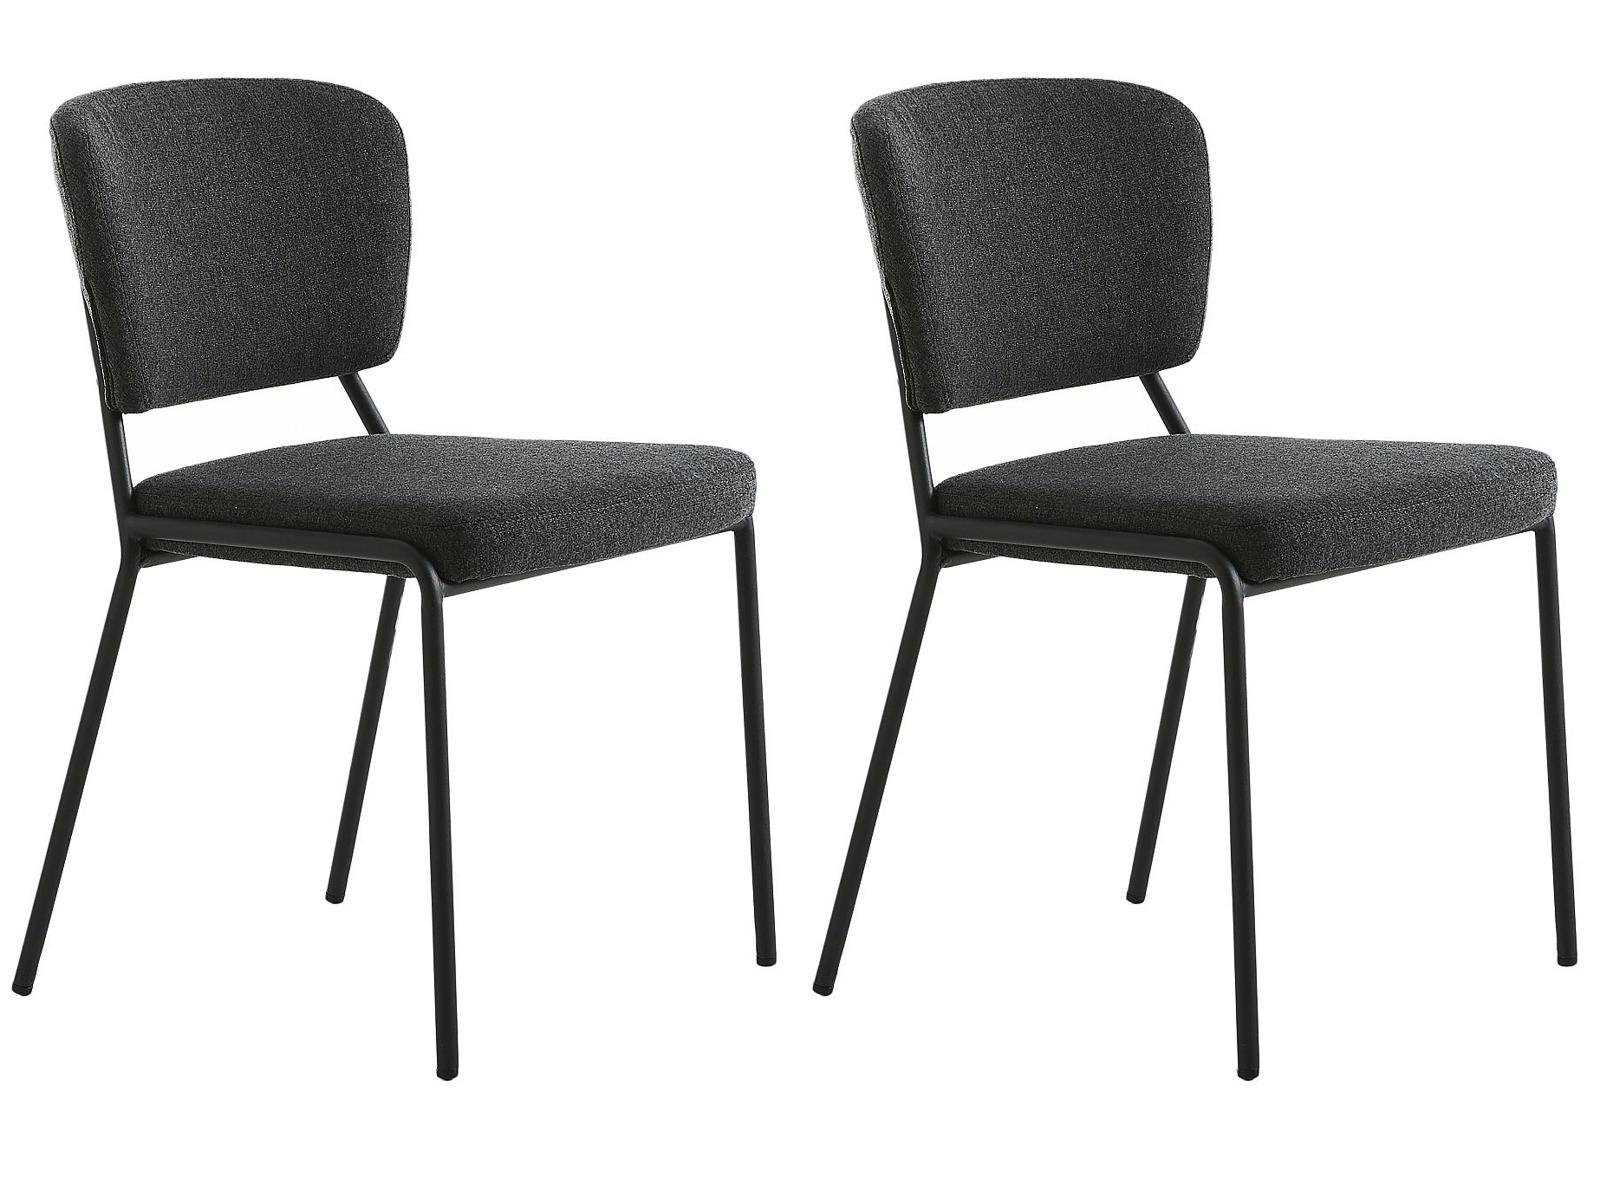 24Designs Burlington Stoel - Set Van 2 - Stof Donkergrijs - Mat Zwarte Metalen Poten